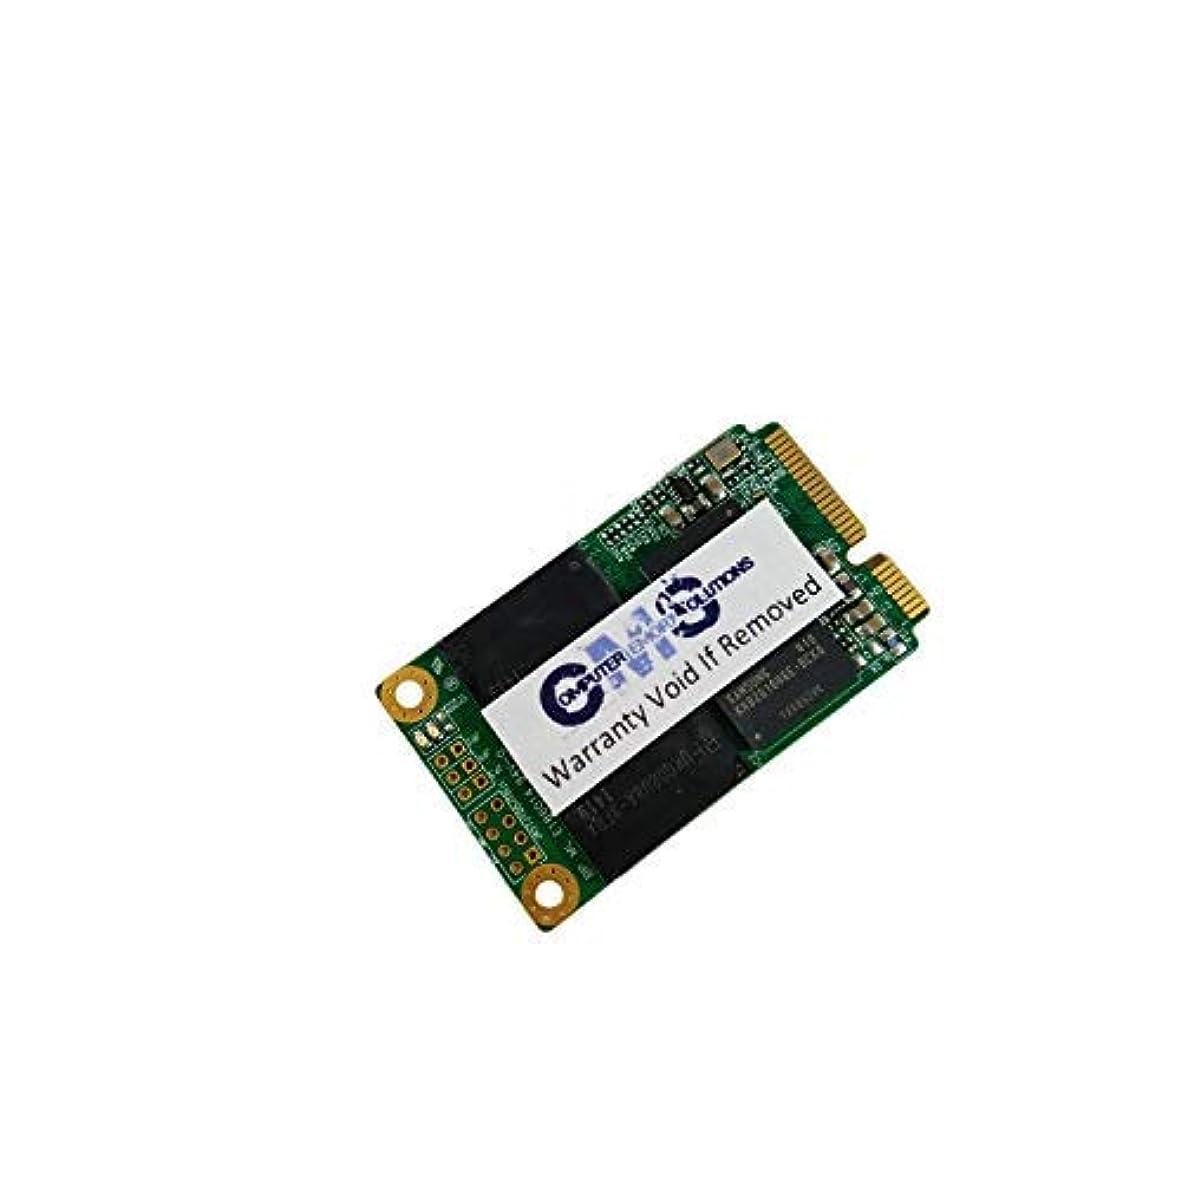 生命体労苦顧問512GB mSATA 6Gb/s Internal SSD Compatible with Lenovo ThinkPad Edge E420s, E430, E430c by CMS C65 [並行輸入品]